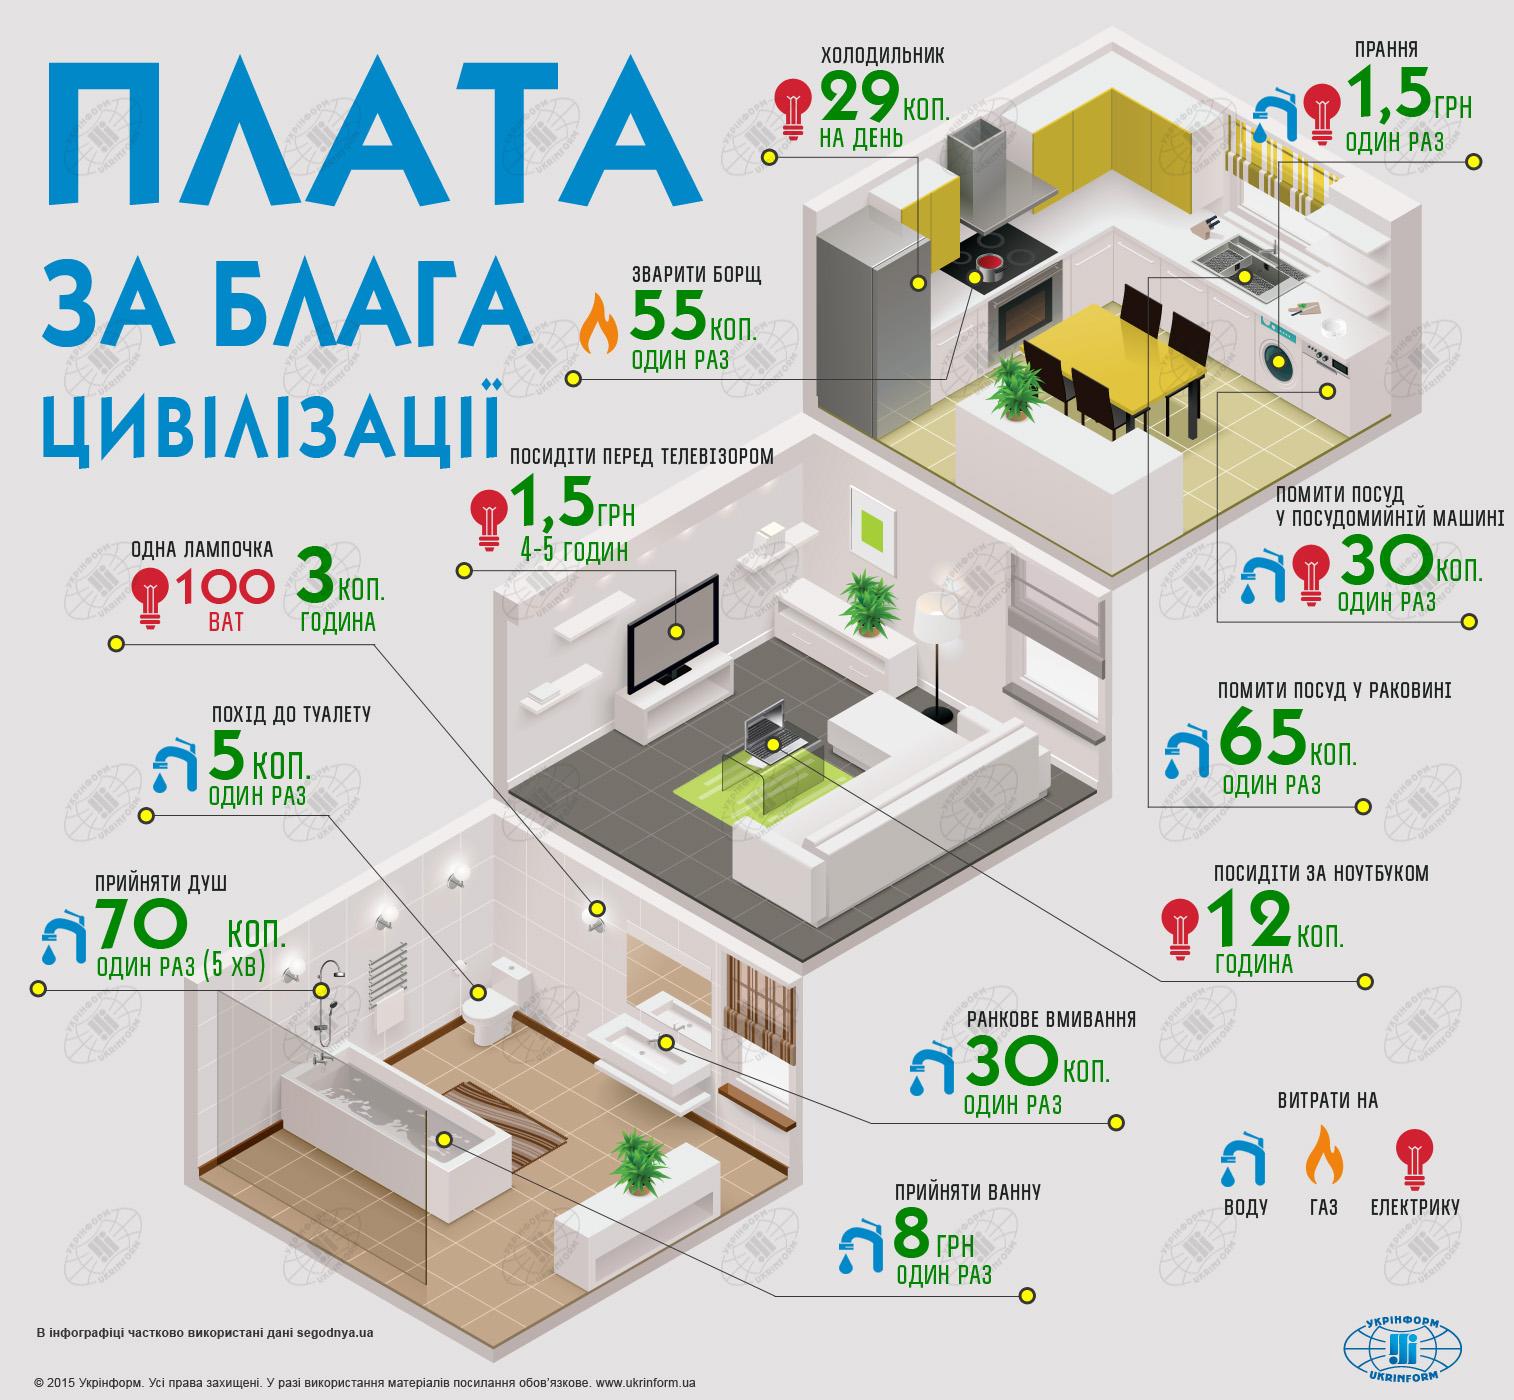 Визуализация: Жилищно-коммунальное хозяйство